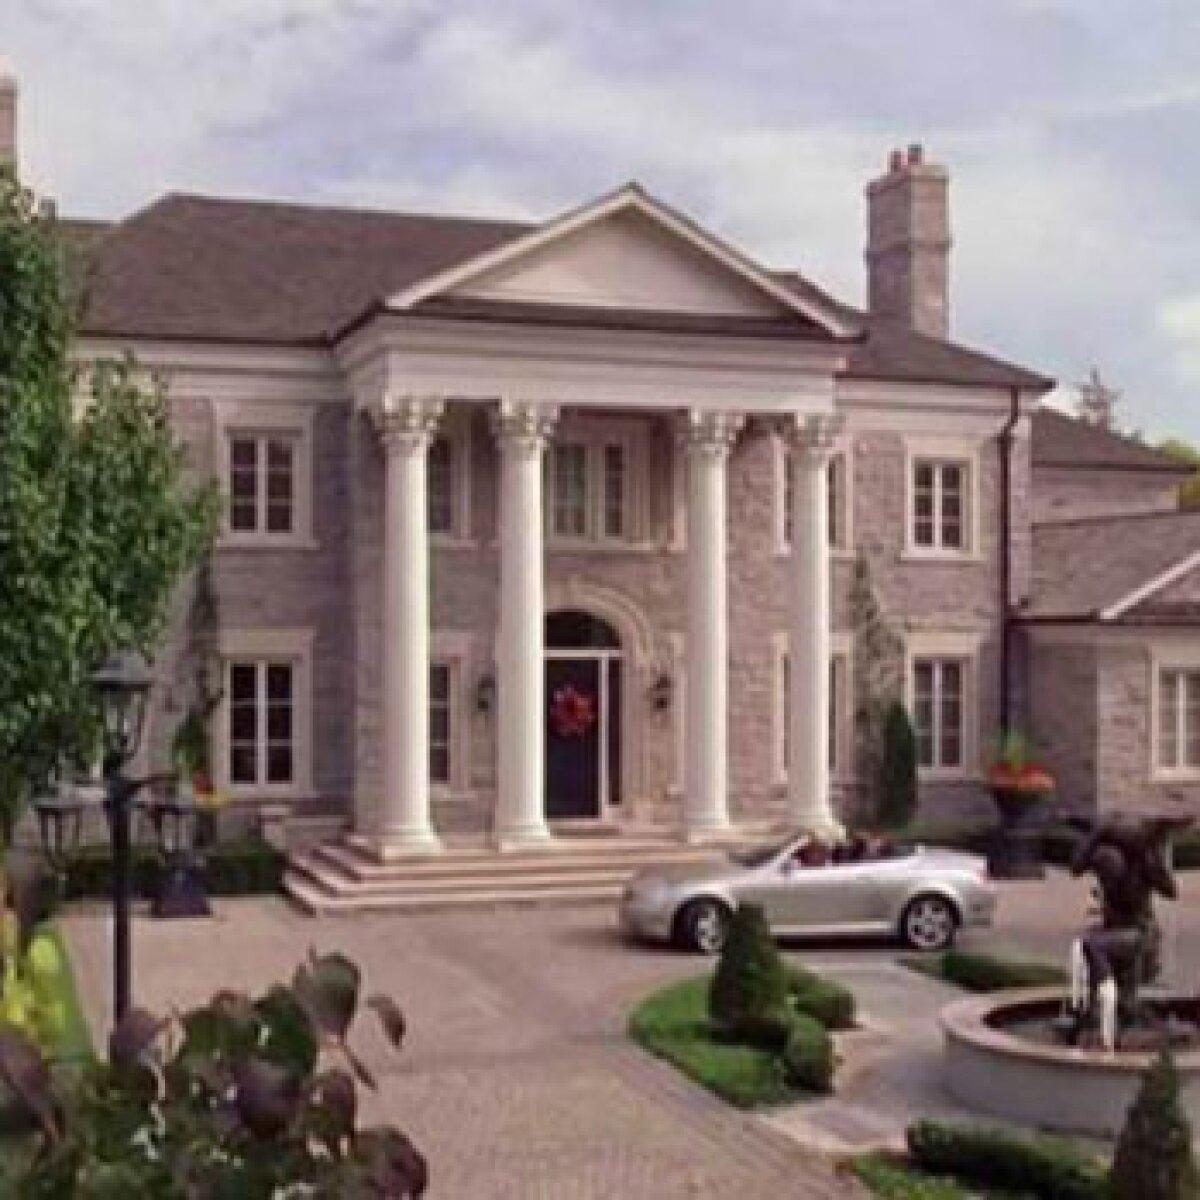 La mansión de Mean Girls está a la venta